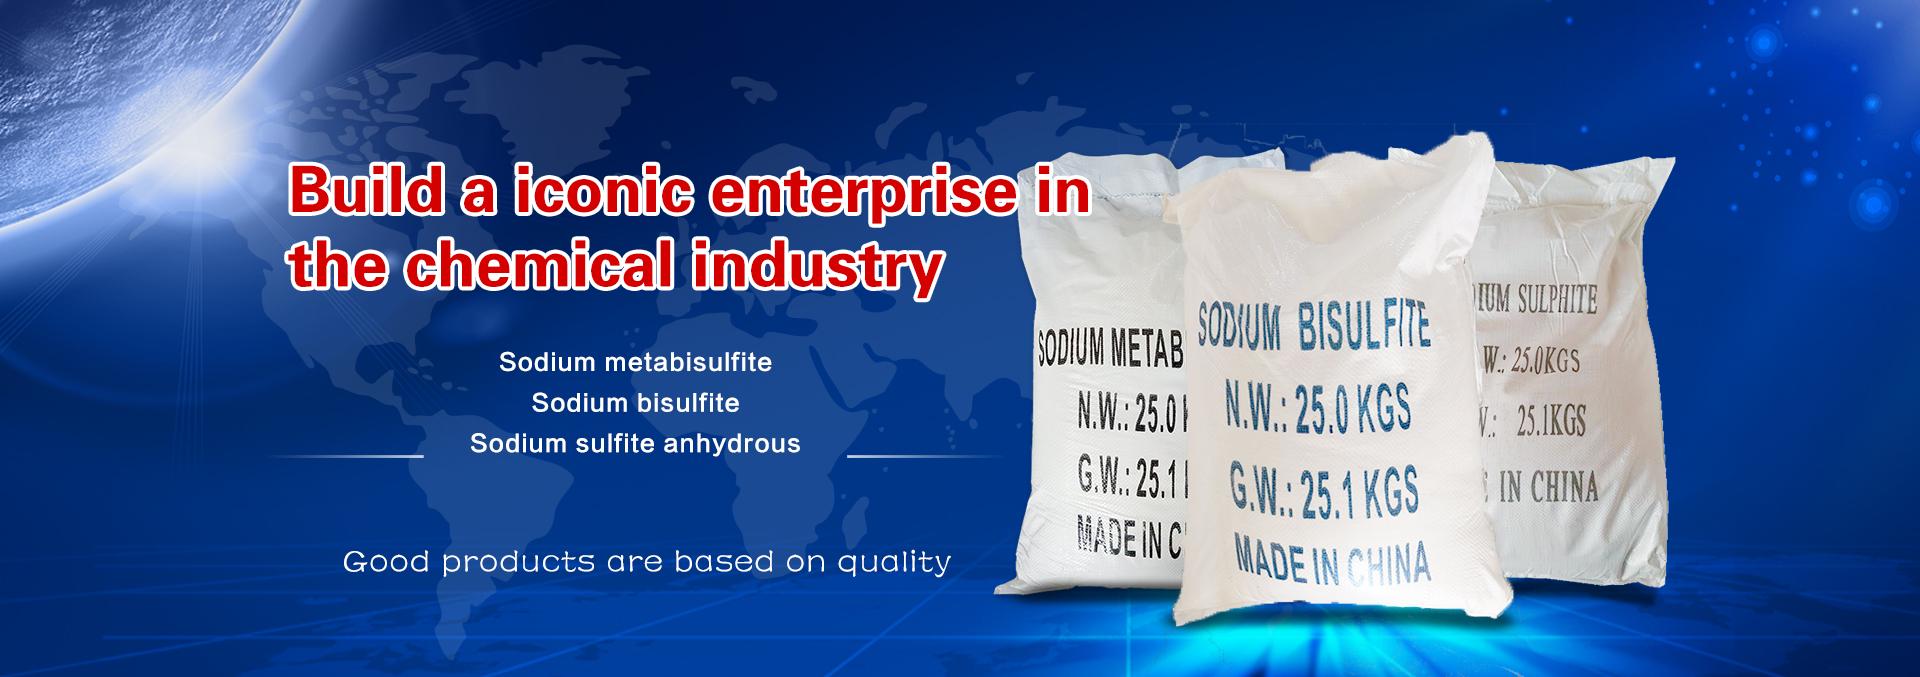 Sodium bisulfite manufacturers